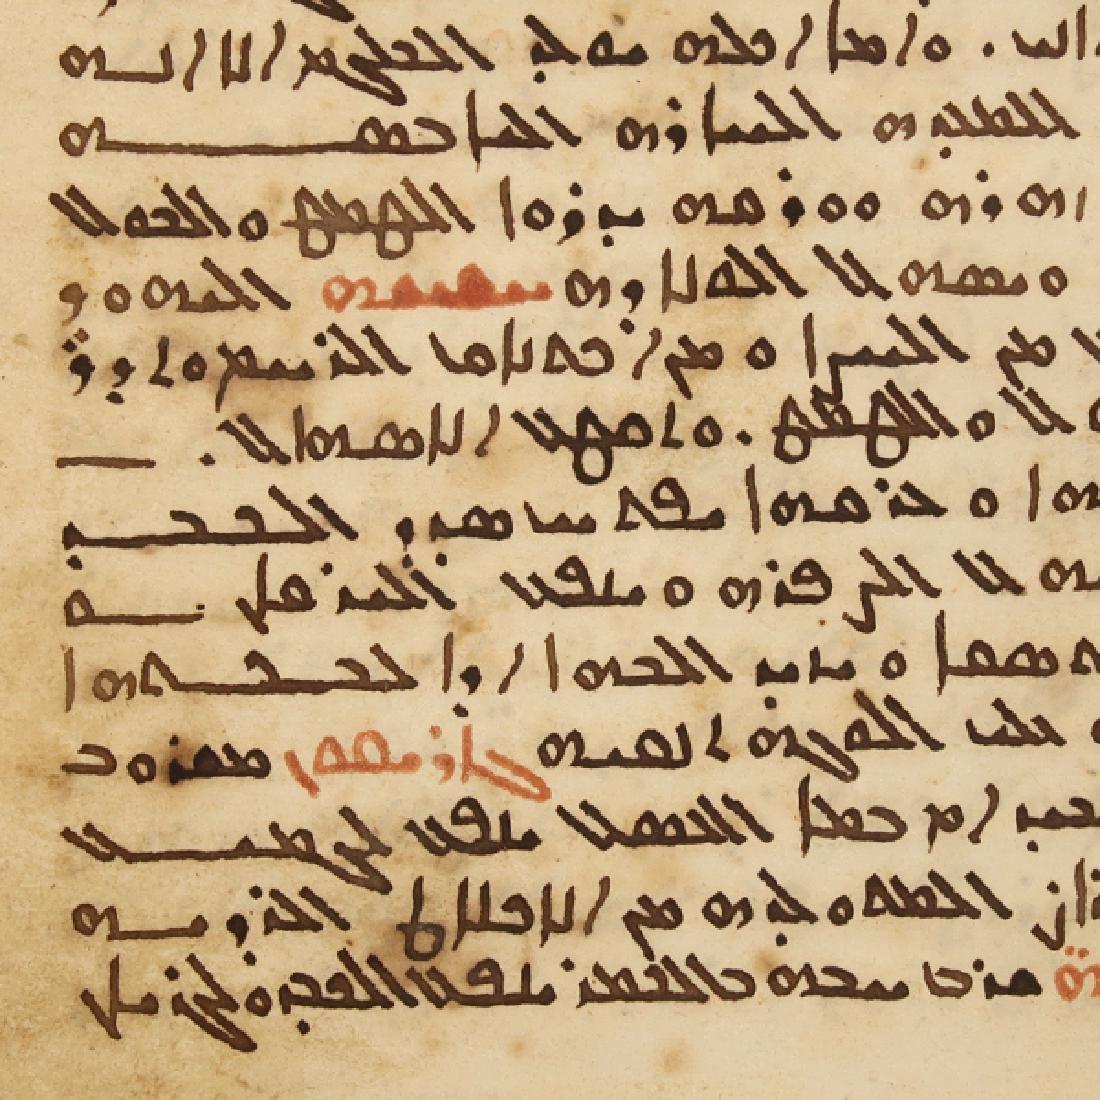 Syriac Manuscript Leaf, Herbal Medicine, c. 1800 A.D. - 3